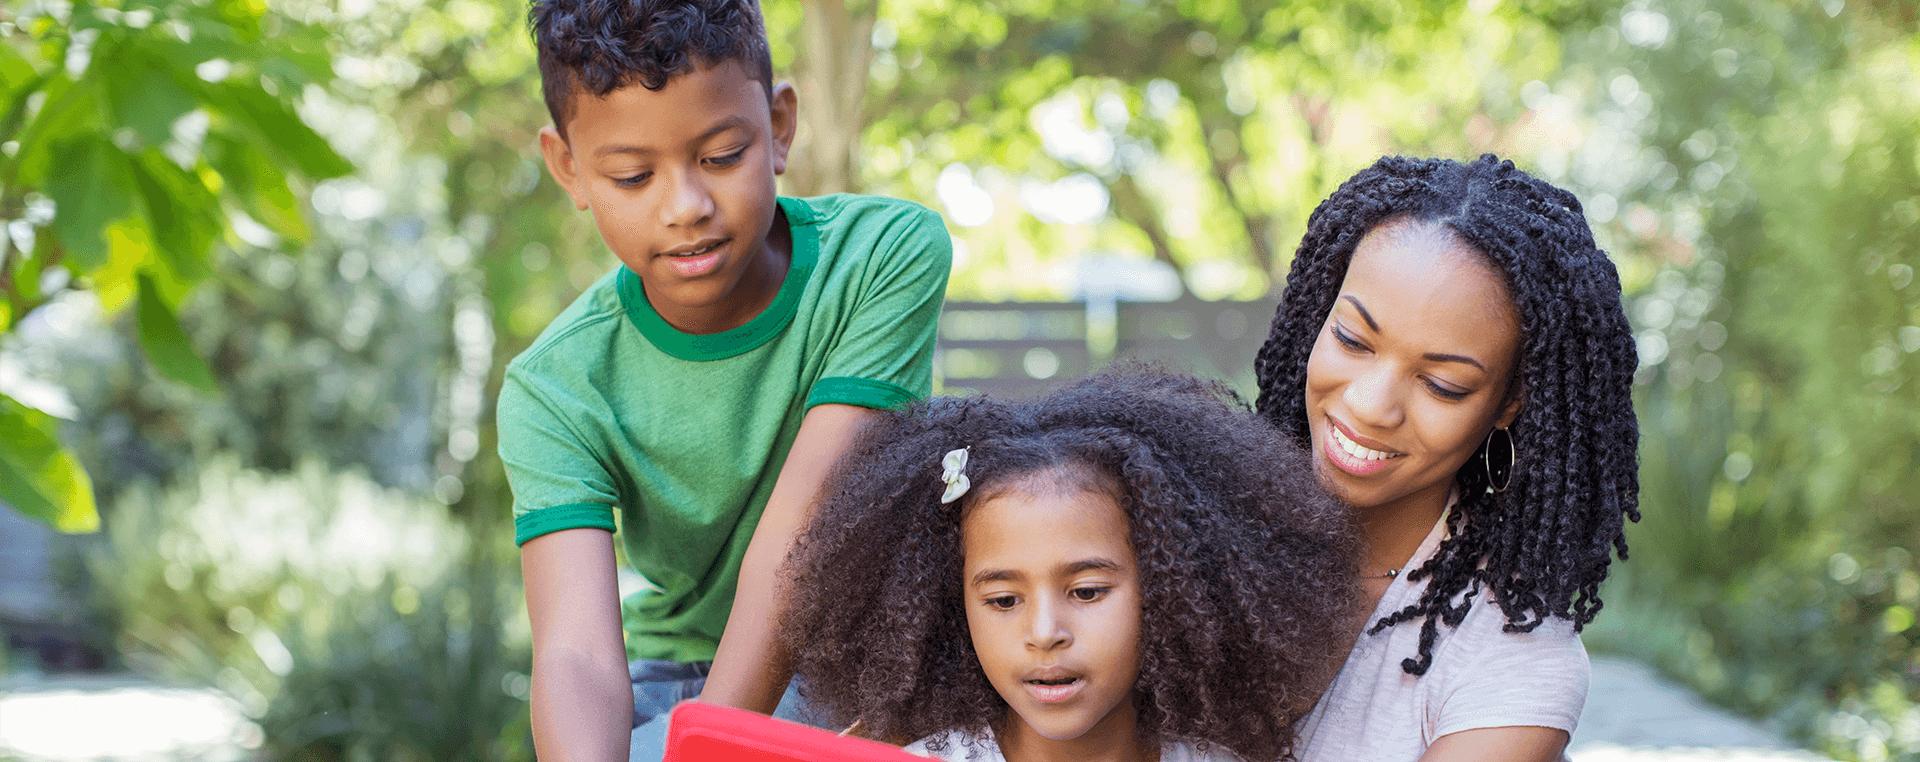 O preconceito racial e a discriminação contra crianças